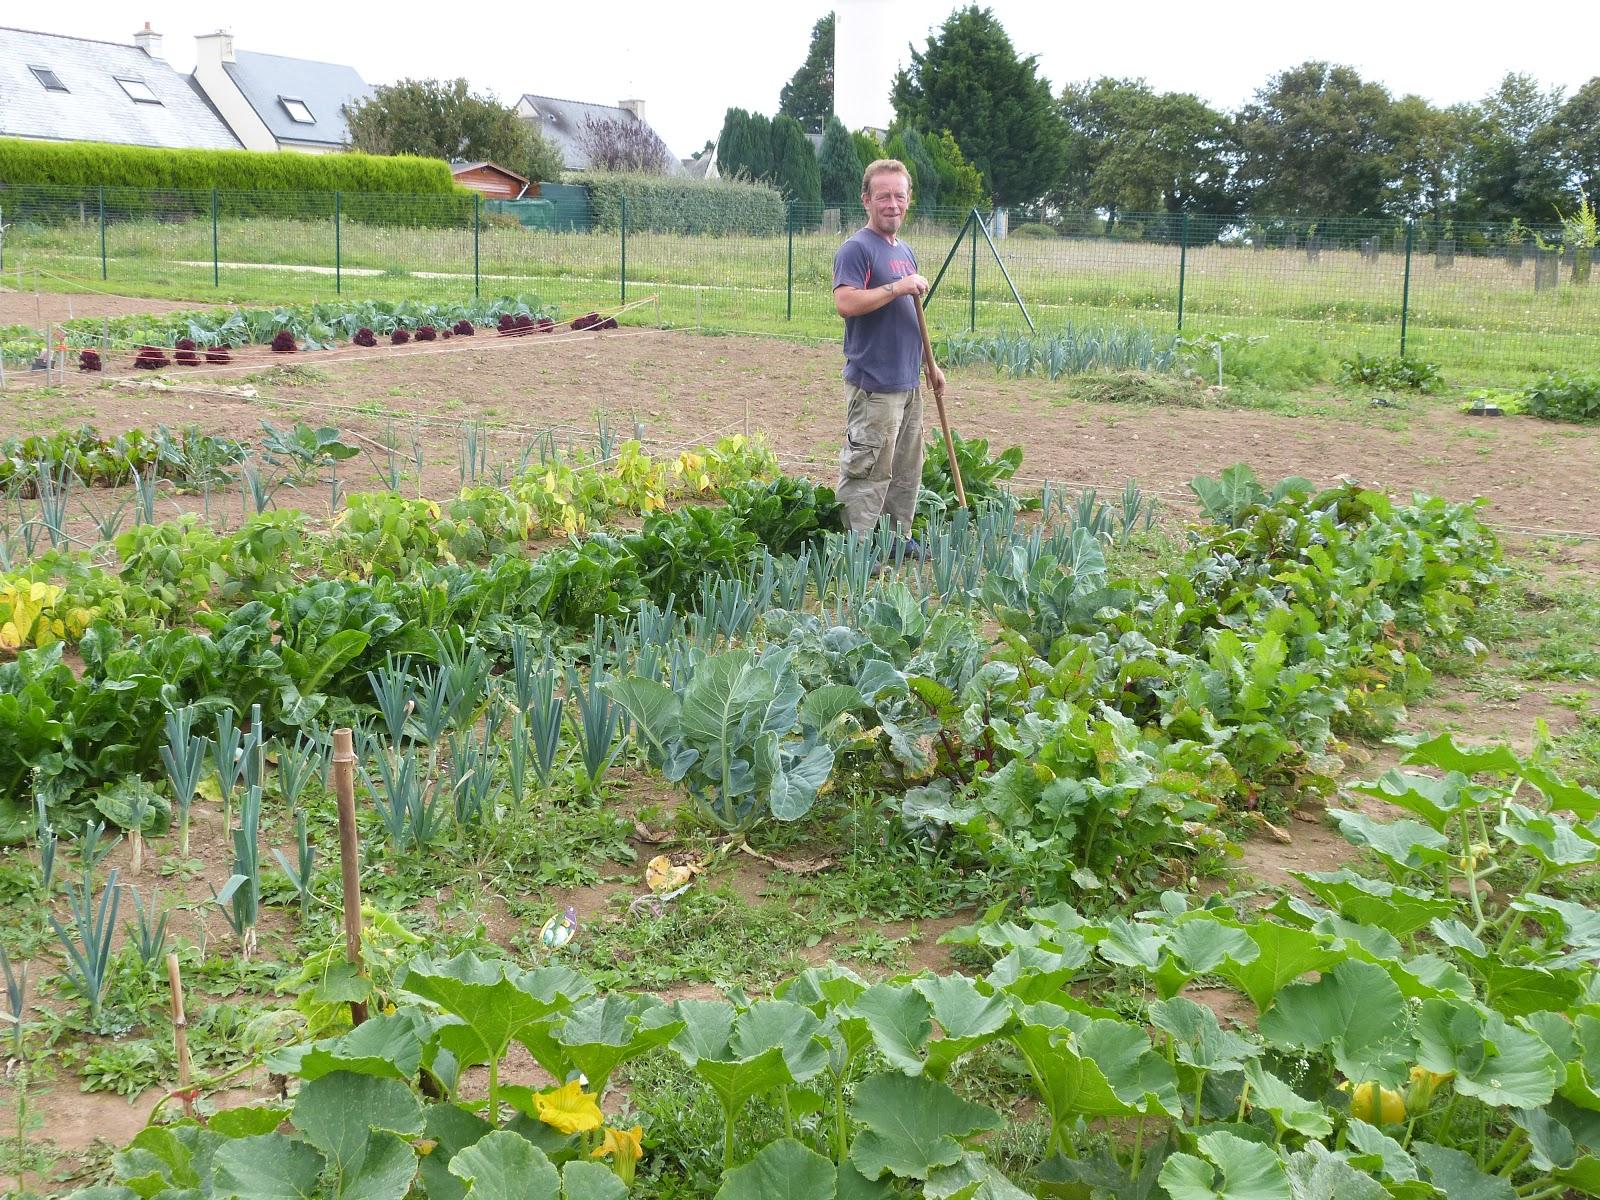 Les jardins familiaux de feunteun don l 39 cole au jardin for Jardin familiaux